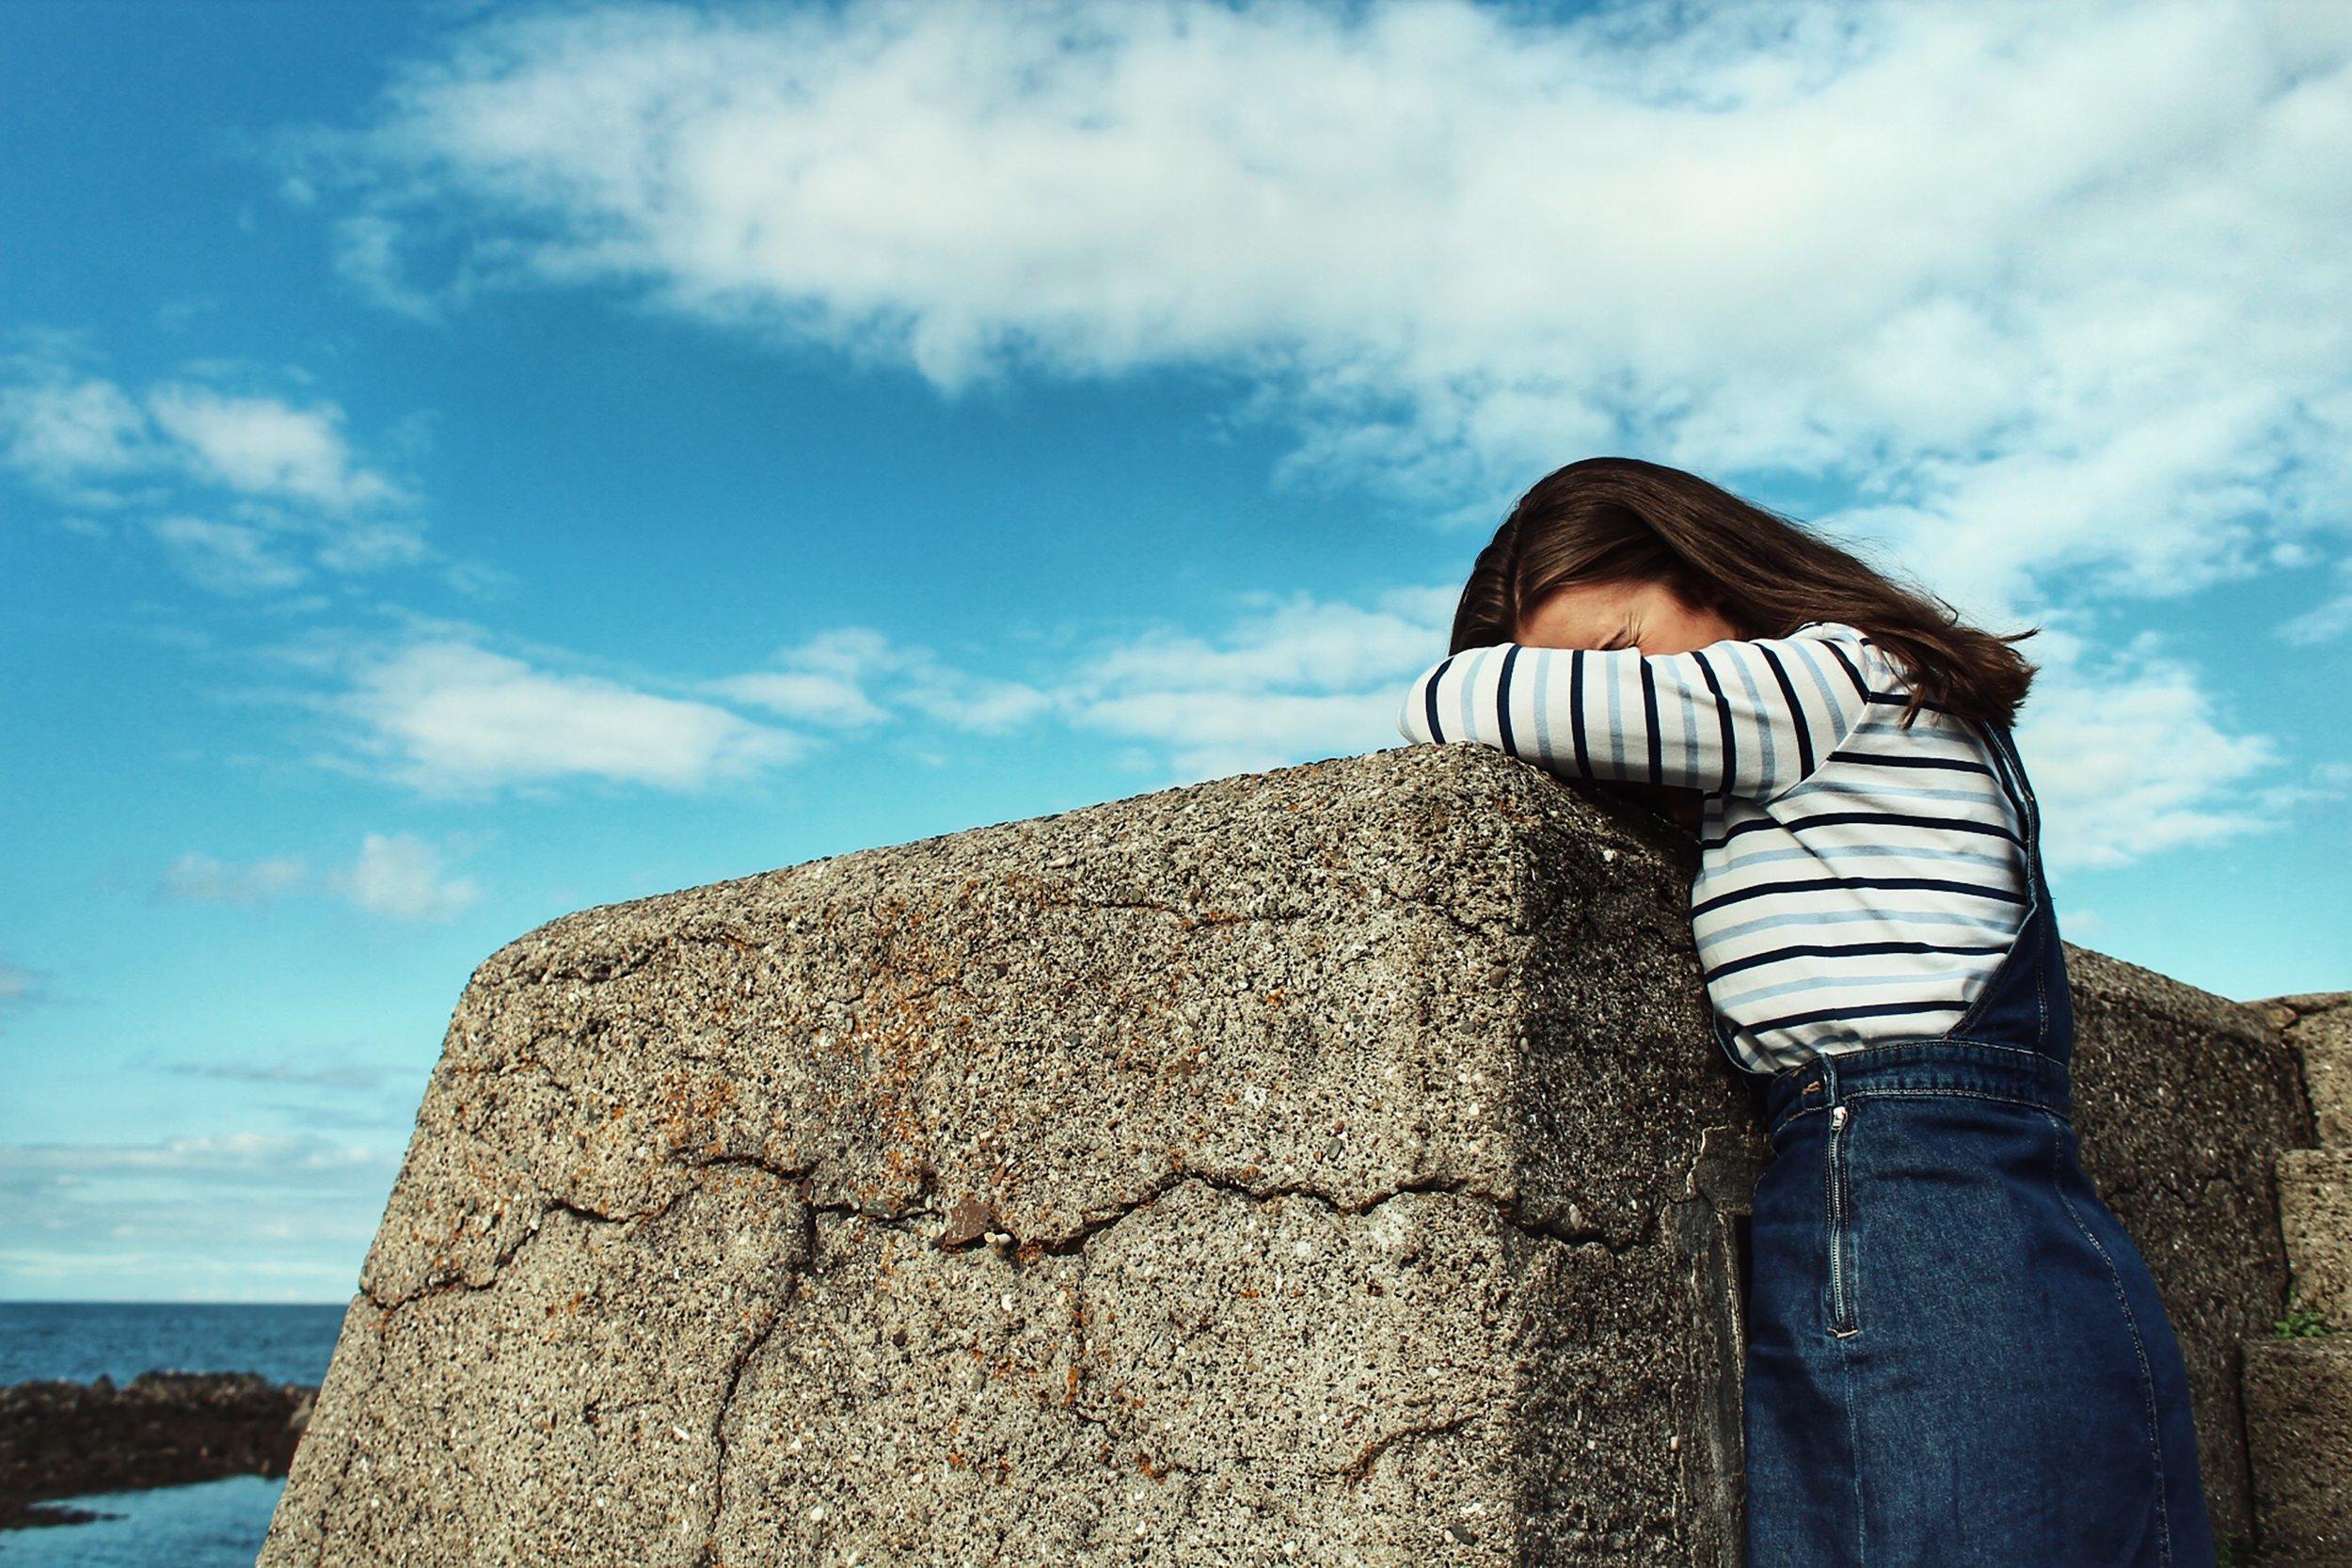 ¿Tiene tu hija/o dificultades emocionales? - Es importante preguntar al colegio: ¿Qué tan accesible es la/el psicóloga/o escolar en caso tal de que mi hija/o lo necesite? ¿Hay comunicación activa con las madres y los padres cuando se necesita?